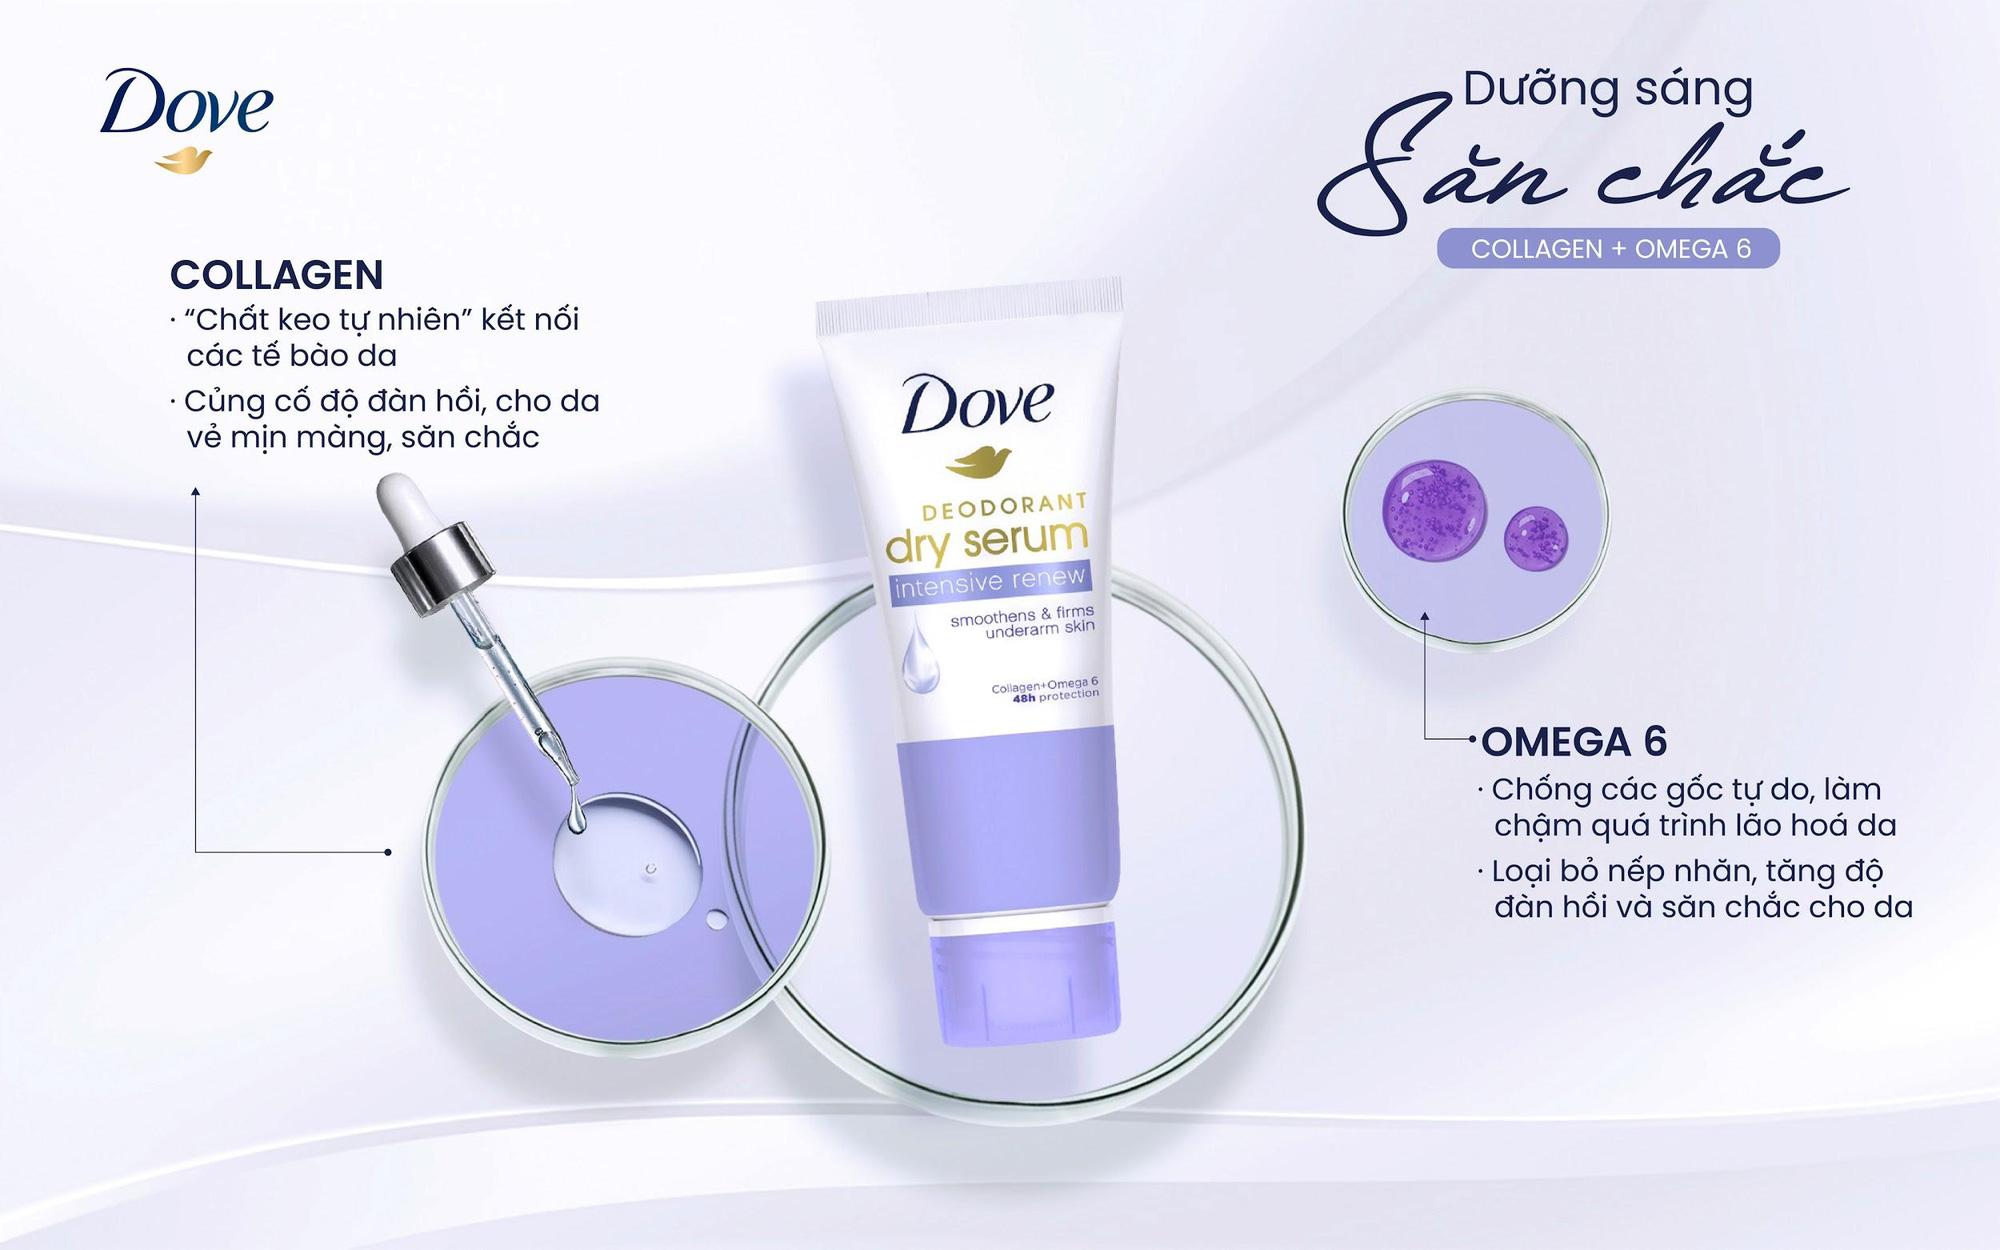 Chân ái mùa nóng: Kem khử mùi kết cấu serum đặc hiệu cho vùng da dưới cánh tay - Ảnh 3.